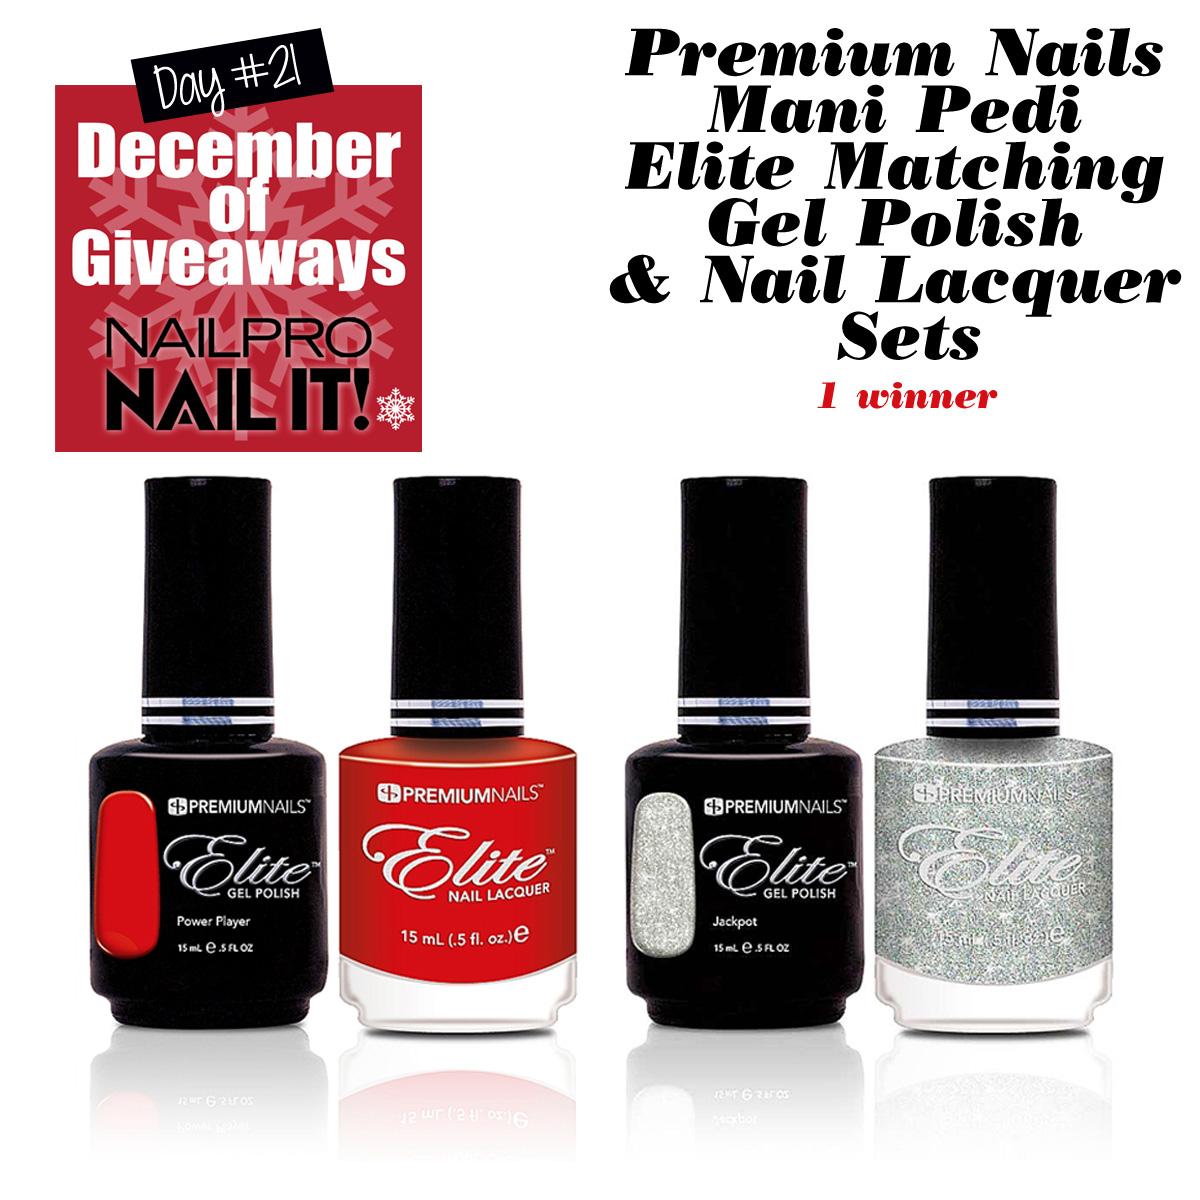 Giveaway: Premium Nails Mani Pedi Sets - Nailpro